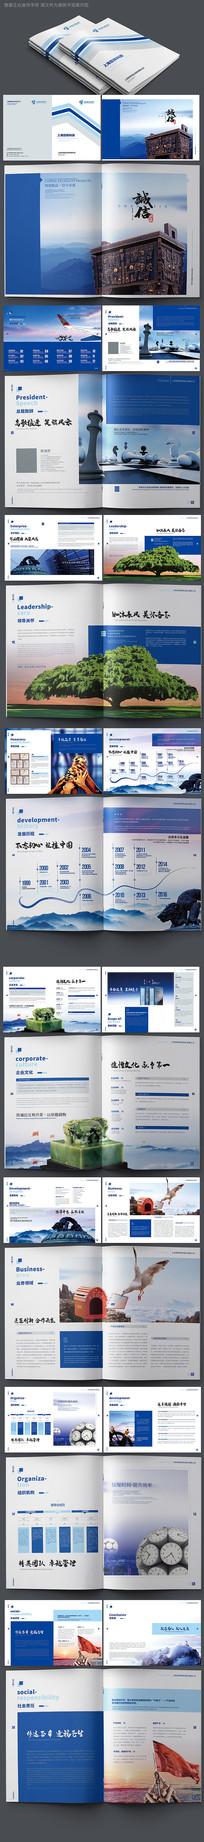 高端企业文化宣传手册模板设计